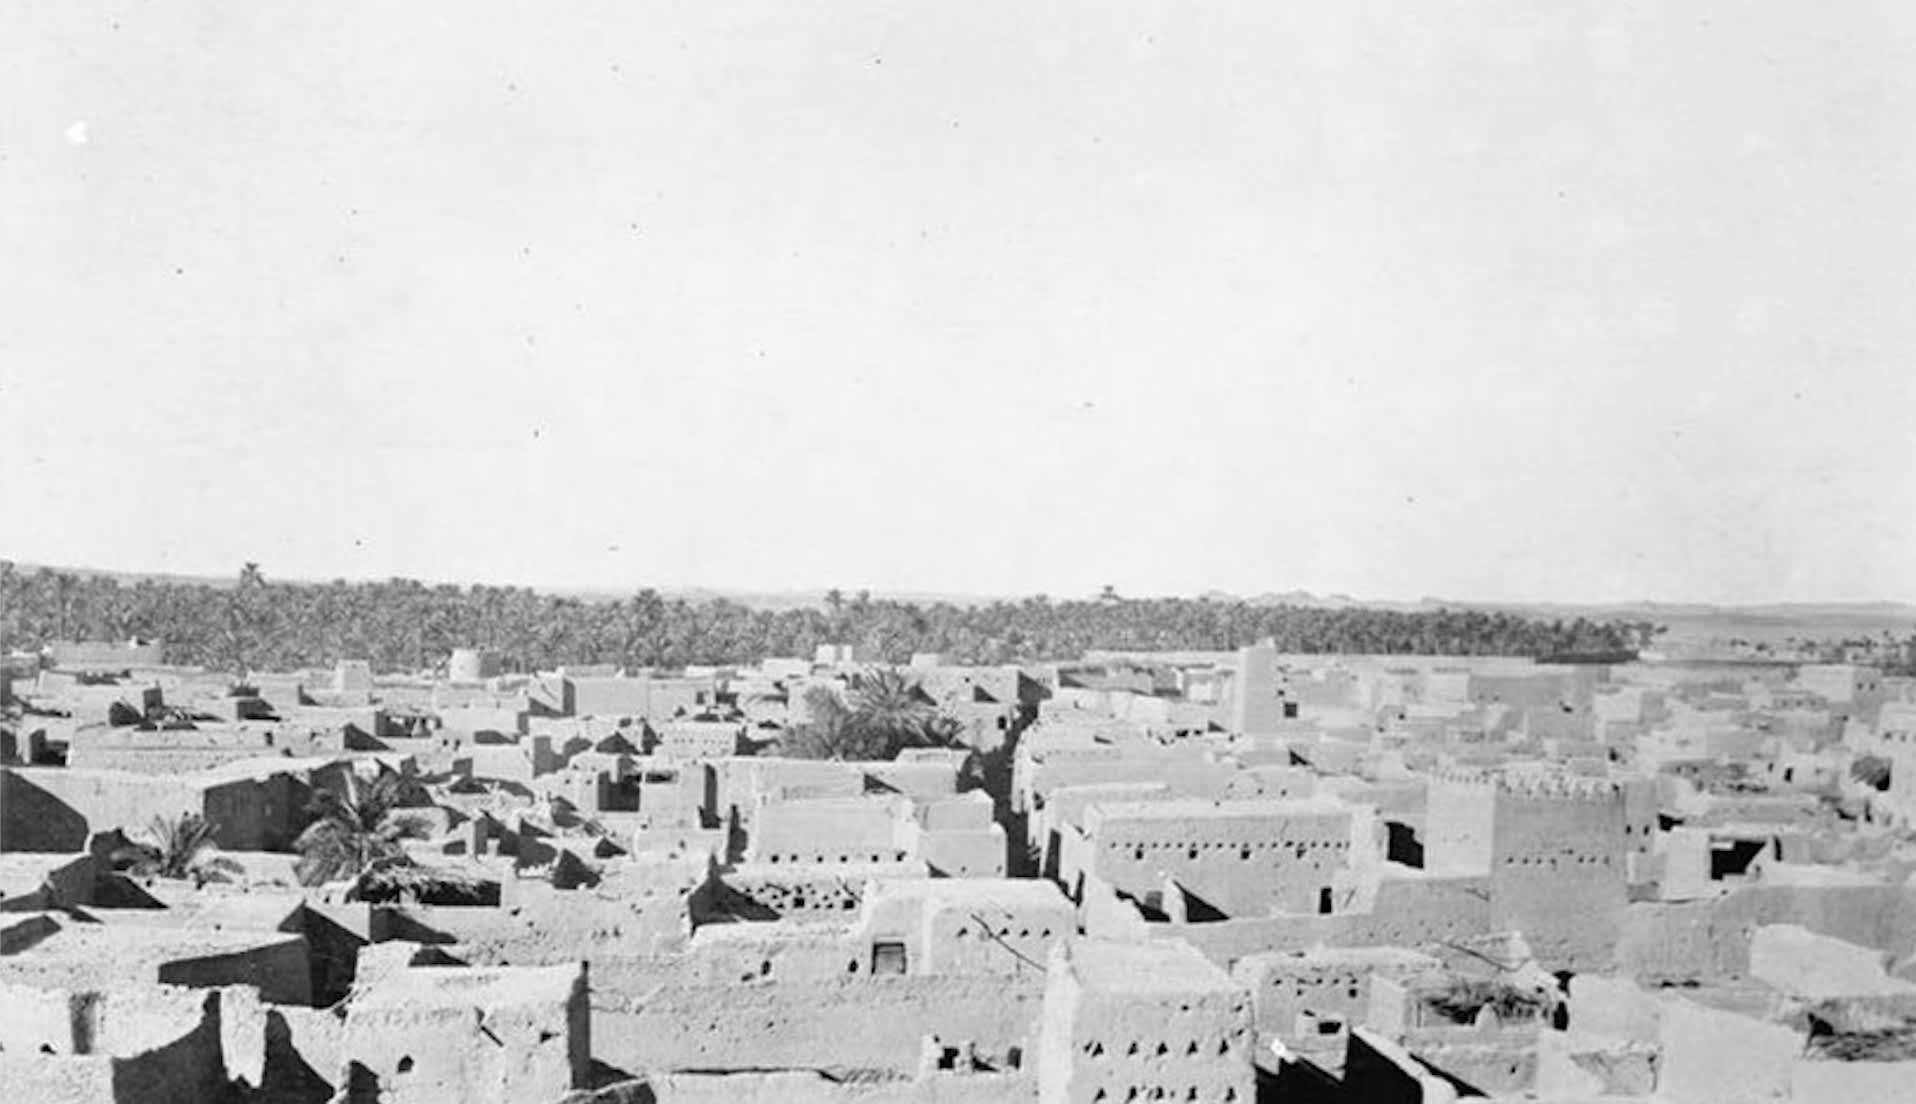 صورة تعكس محافظة الوجه على ساحل البحر الأحمر في عام 1917